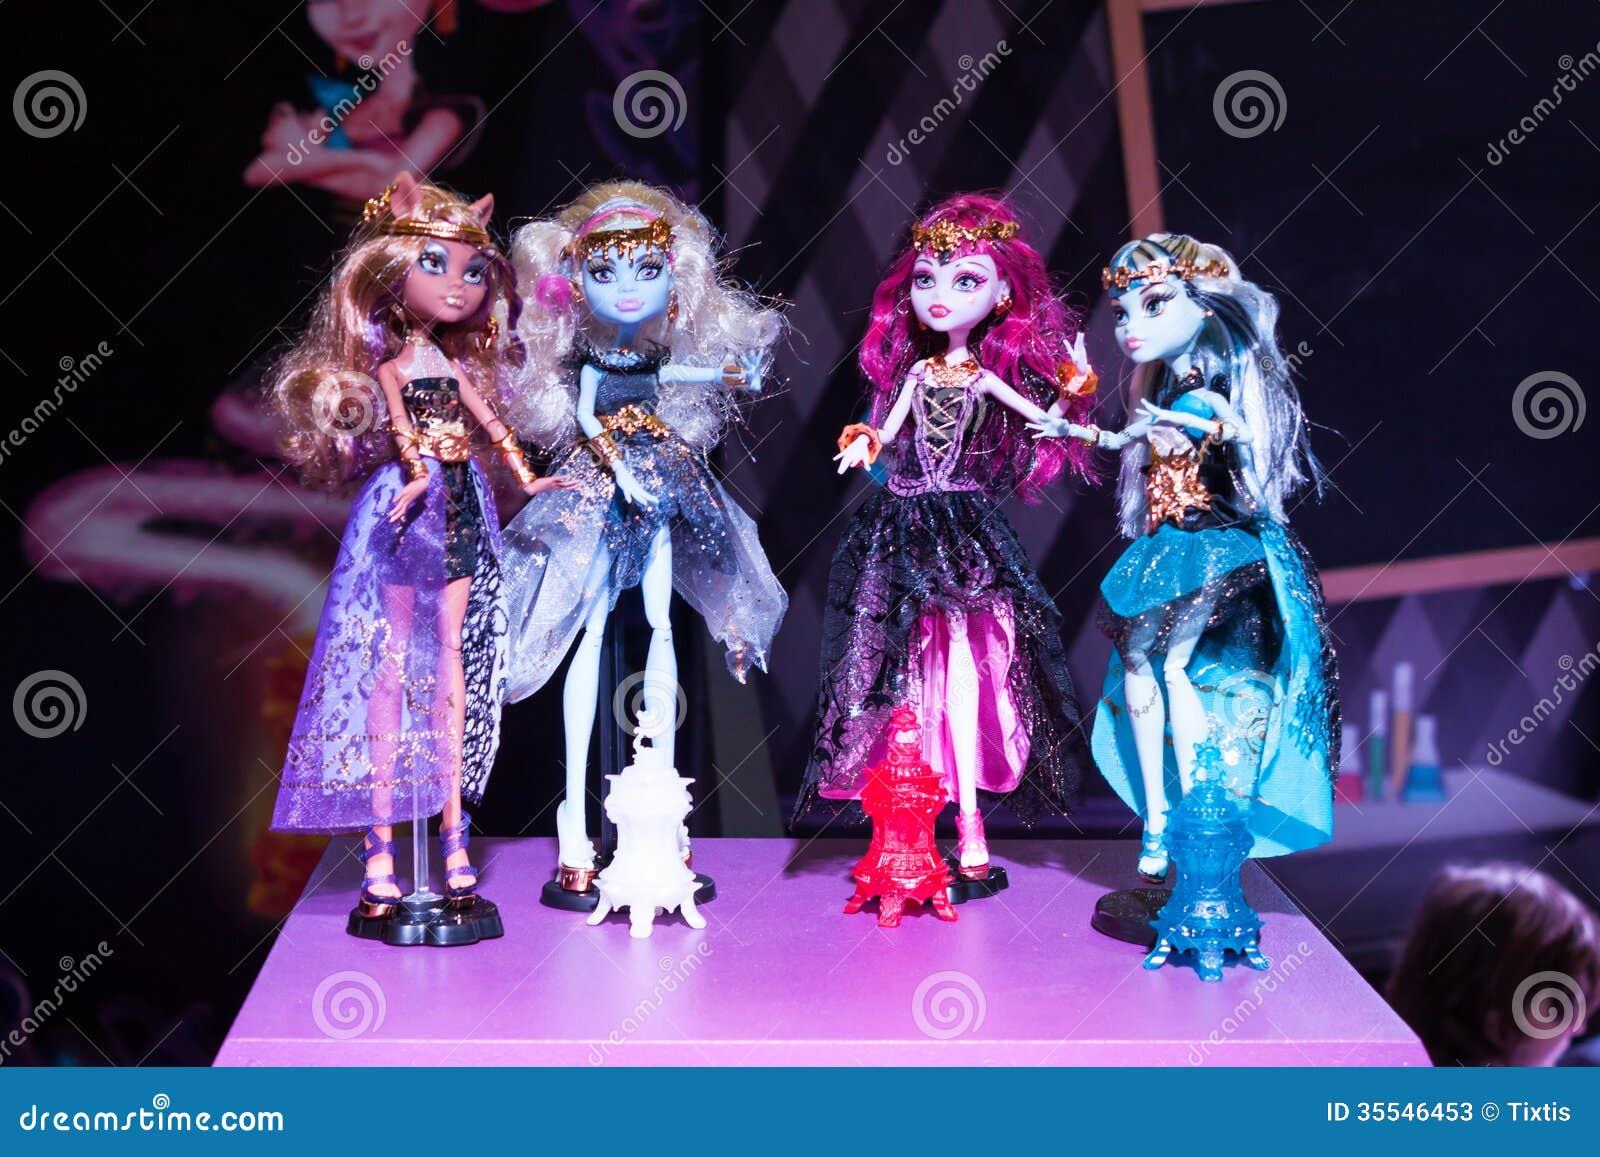 Bambole gotiche di barbie al g viene il giocare a milano for Bambole barbie